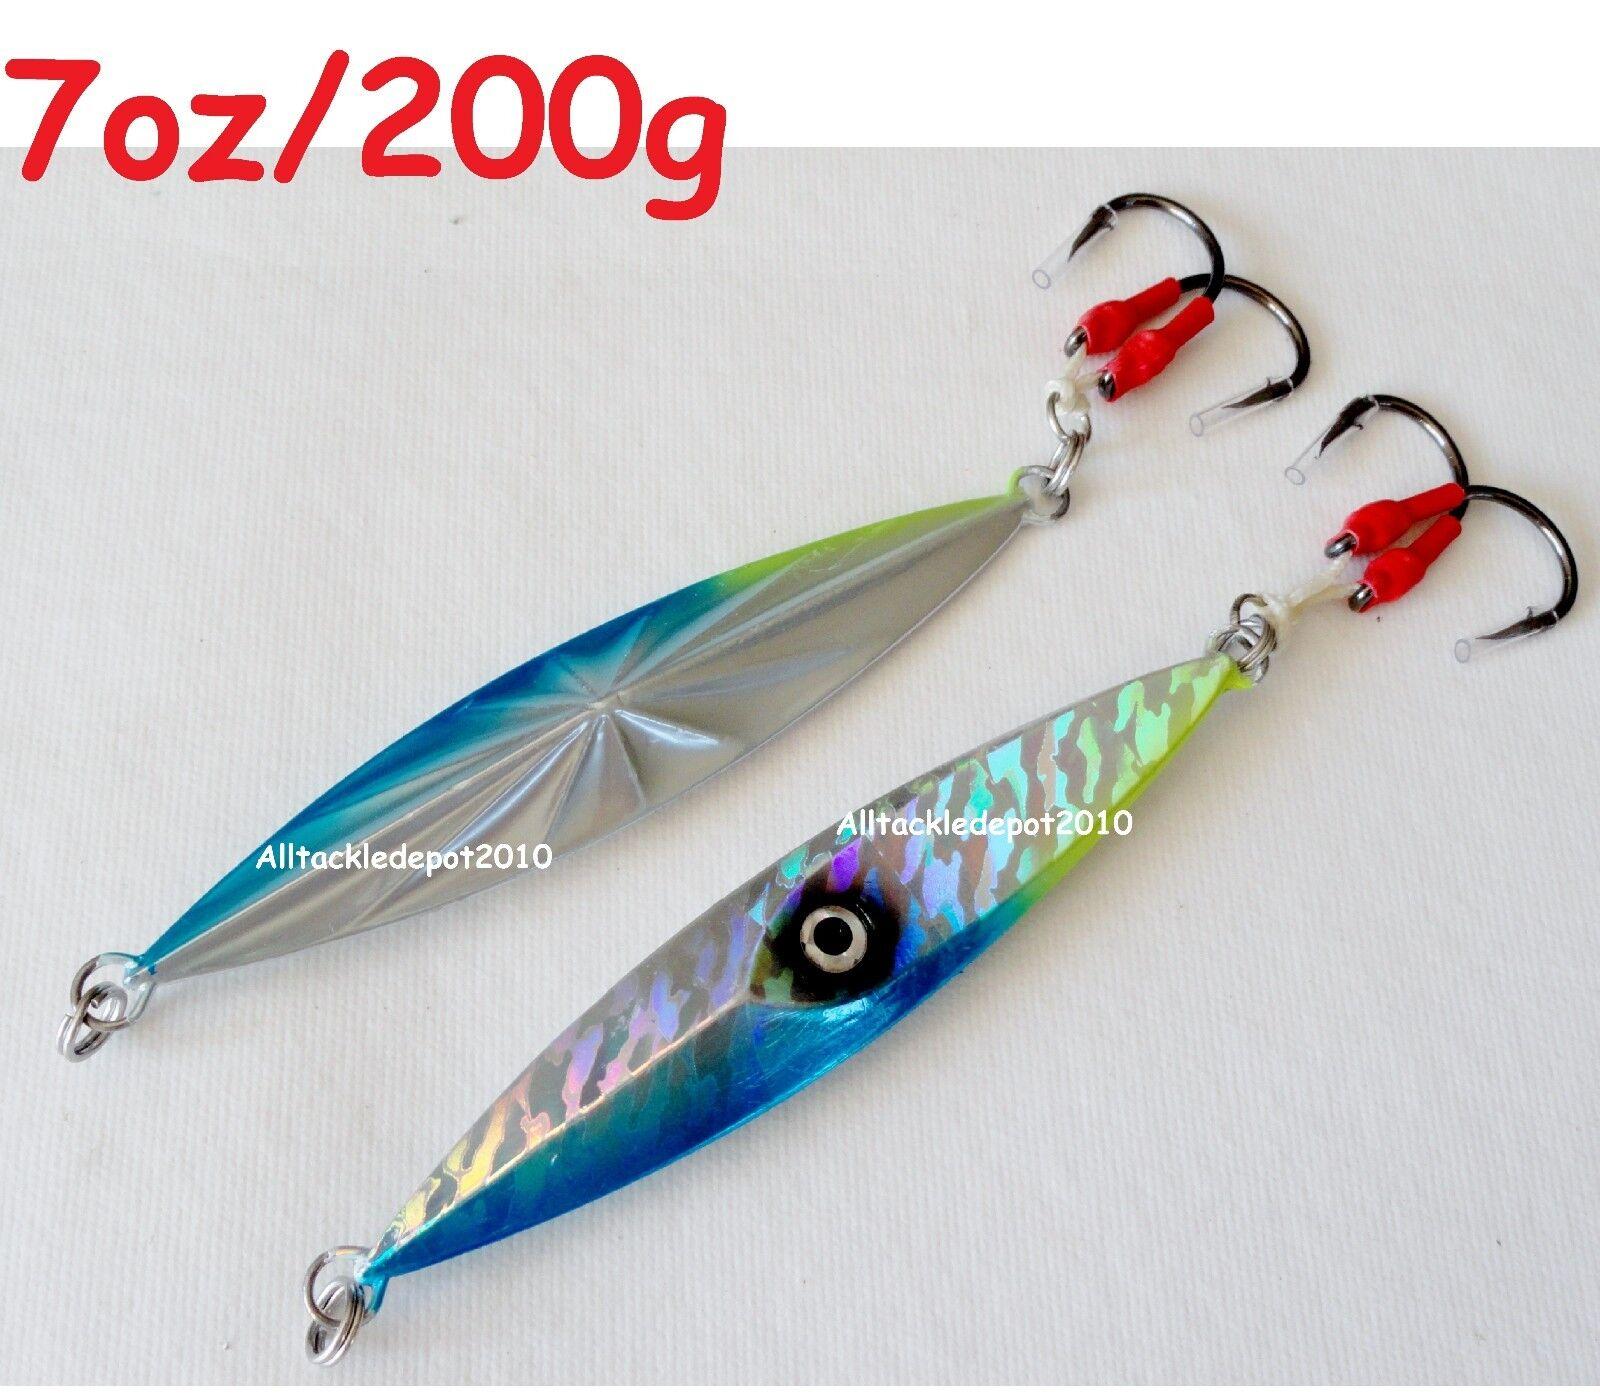 1-10 Pcs 7oz 200g Jigging Diamante Jigs Azul Amarillo De Agua Salada Señuelos de pesca